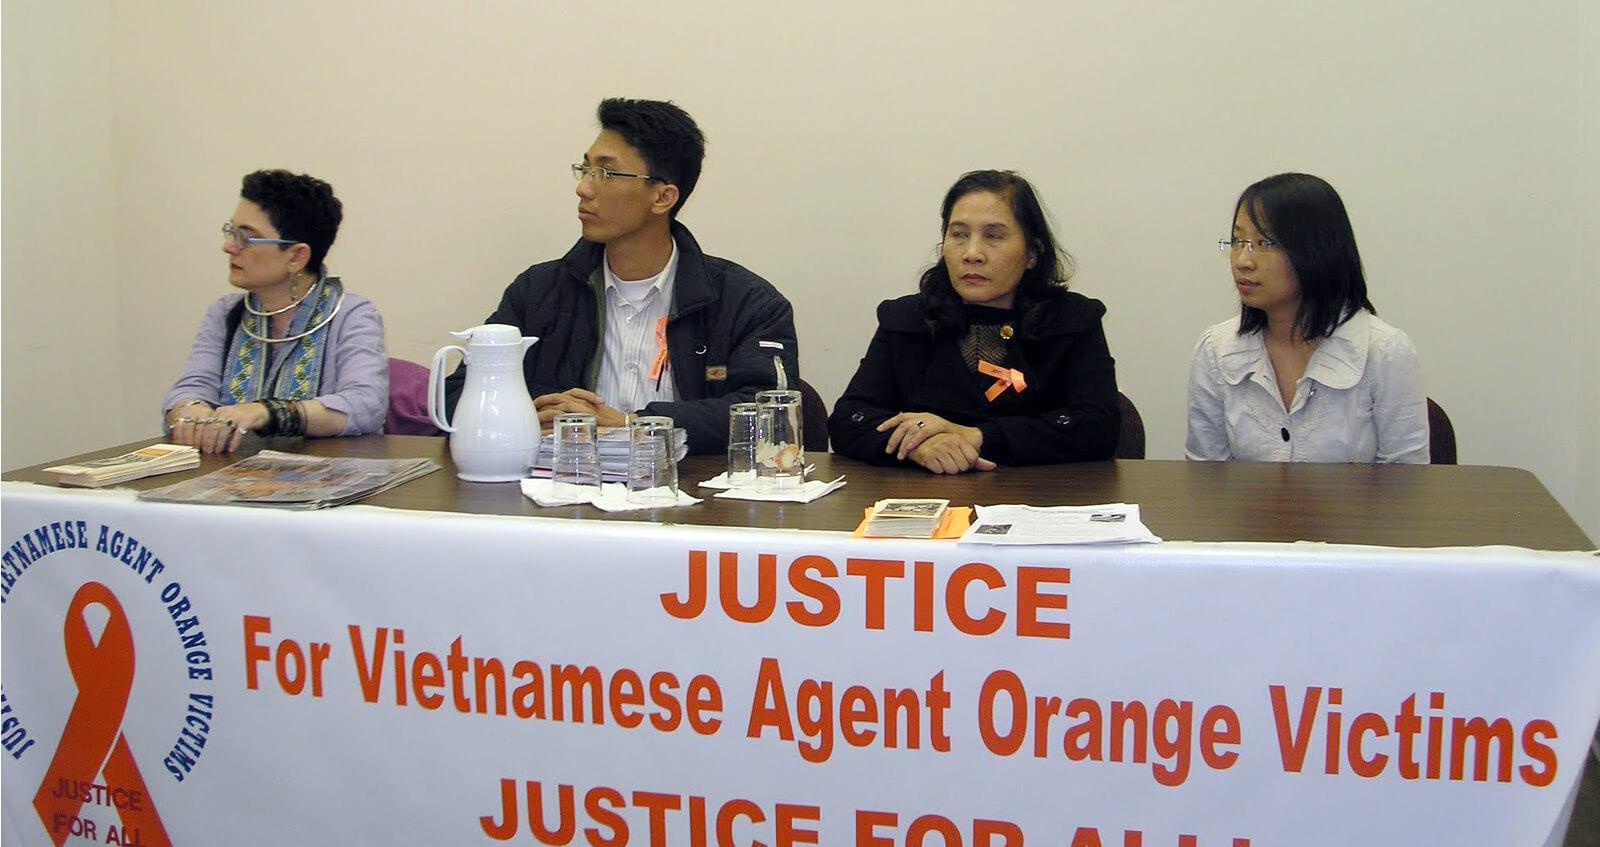 5th Agent Orange Justice Tour 2010